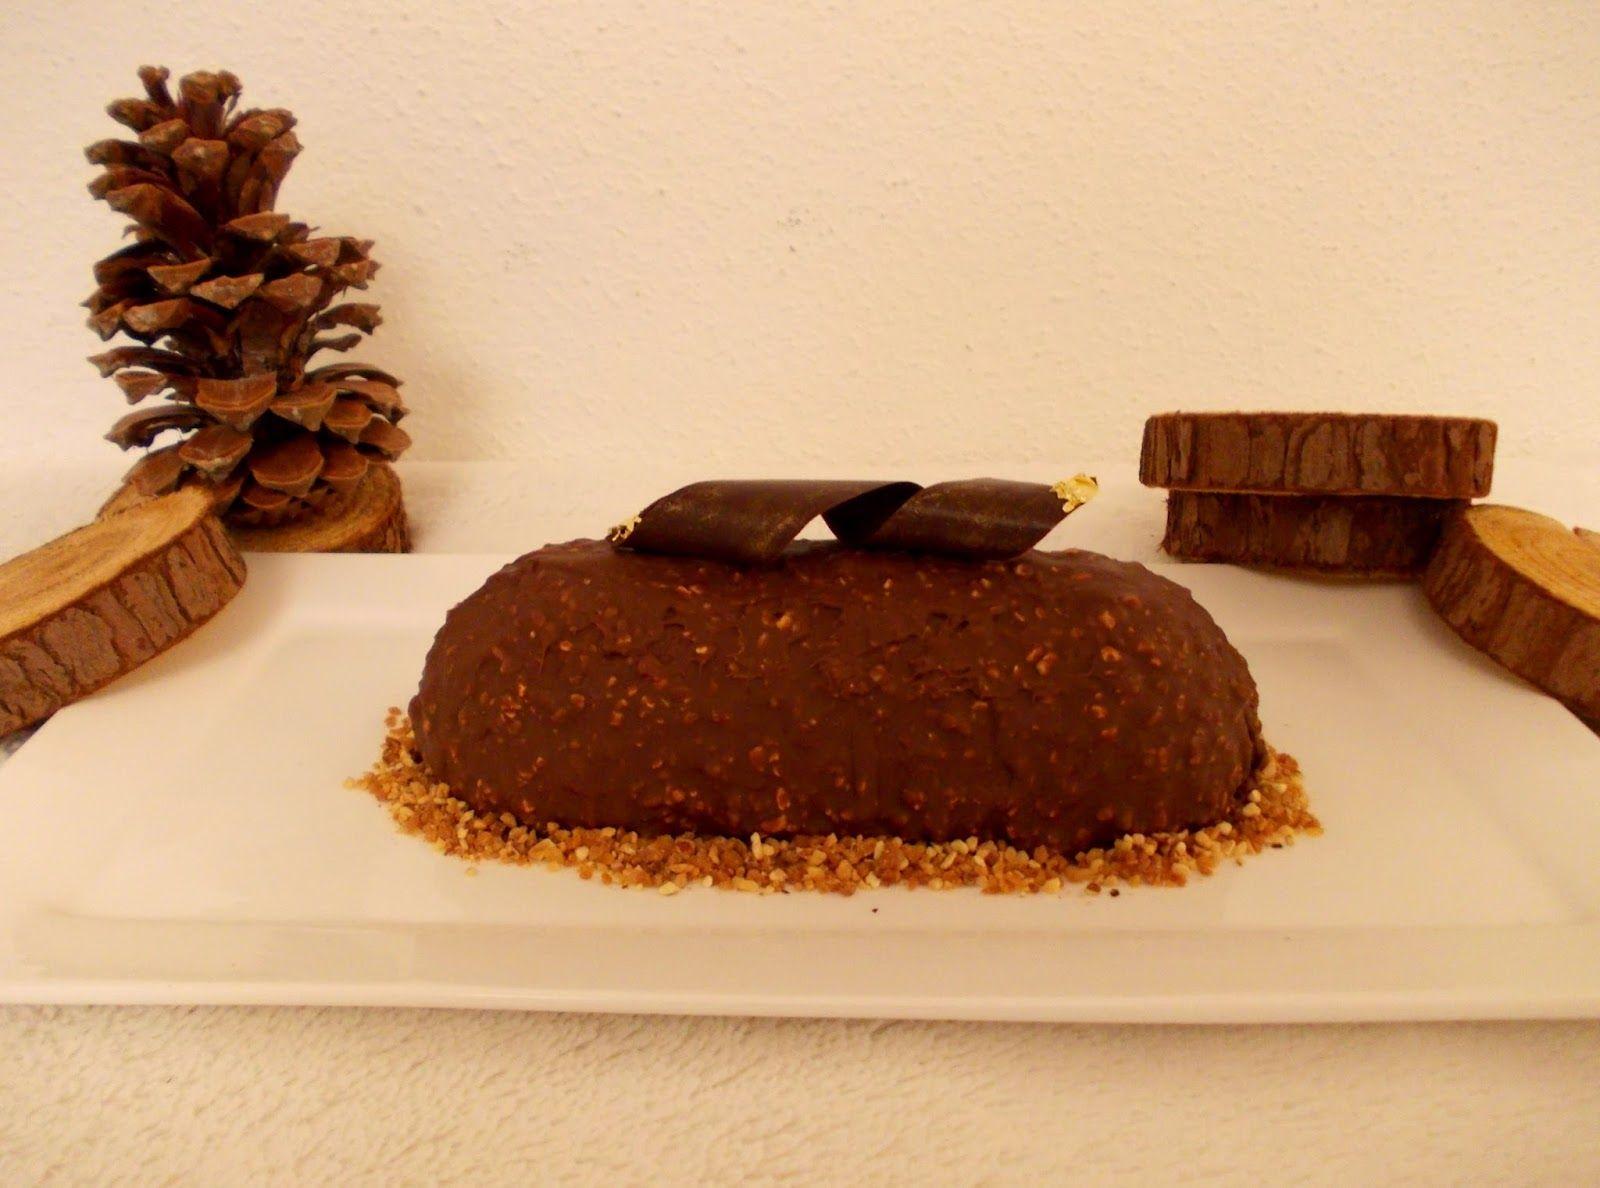 Blog consacré à la pâtisserie. J'espère que mes recettes vous donneront envie ! Gâteaux, macarons, tartes, layer cakes, biscuits, entremets, etc.